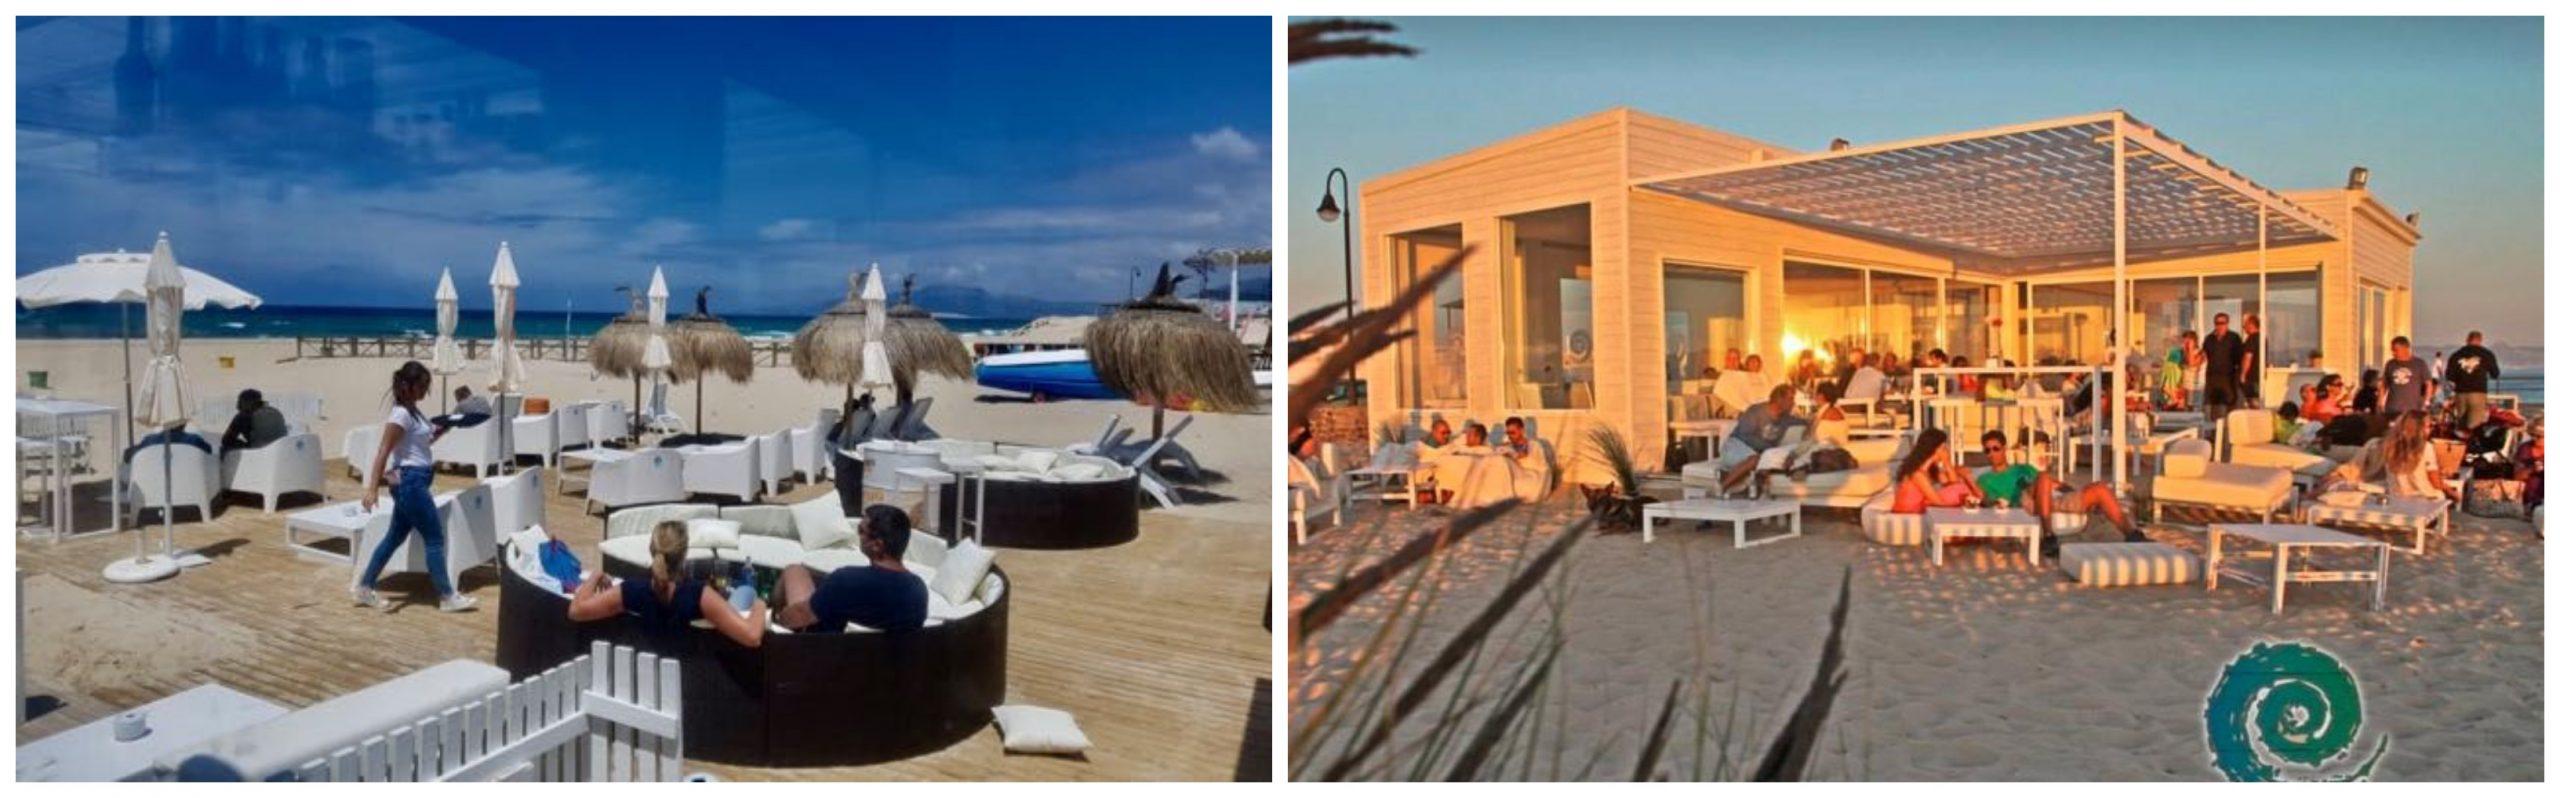 Fotografías del chiringuito Lounge Beach en Tarifa.